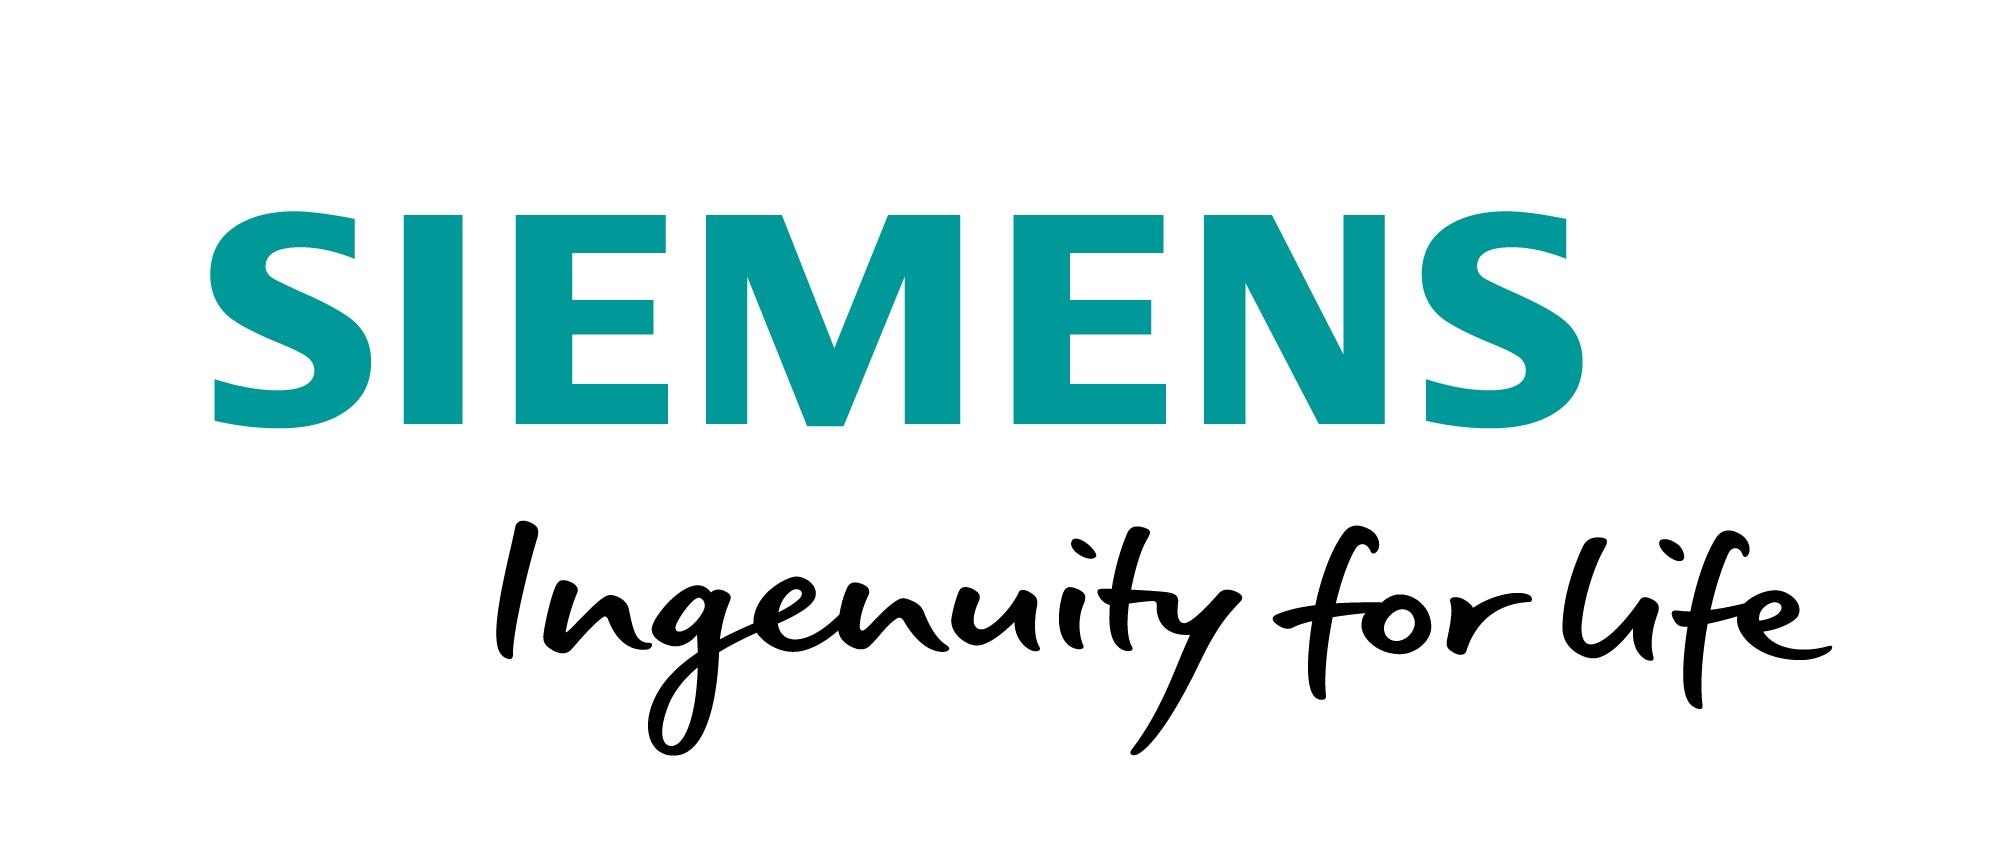 gtimedia-gradmalaysia-siemens-logo-2019